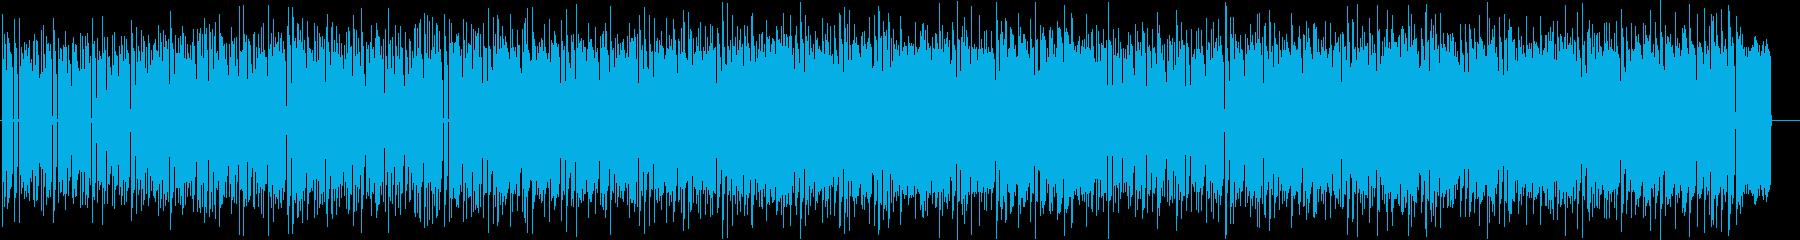 ファミコンのシューティングゲームの様な曲の再生済みの波形